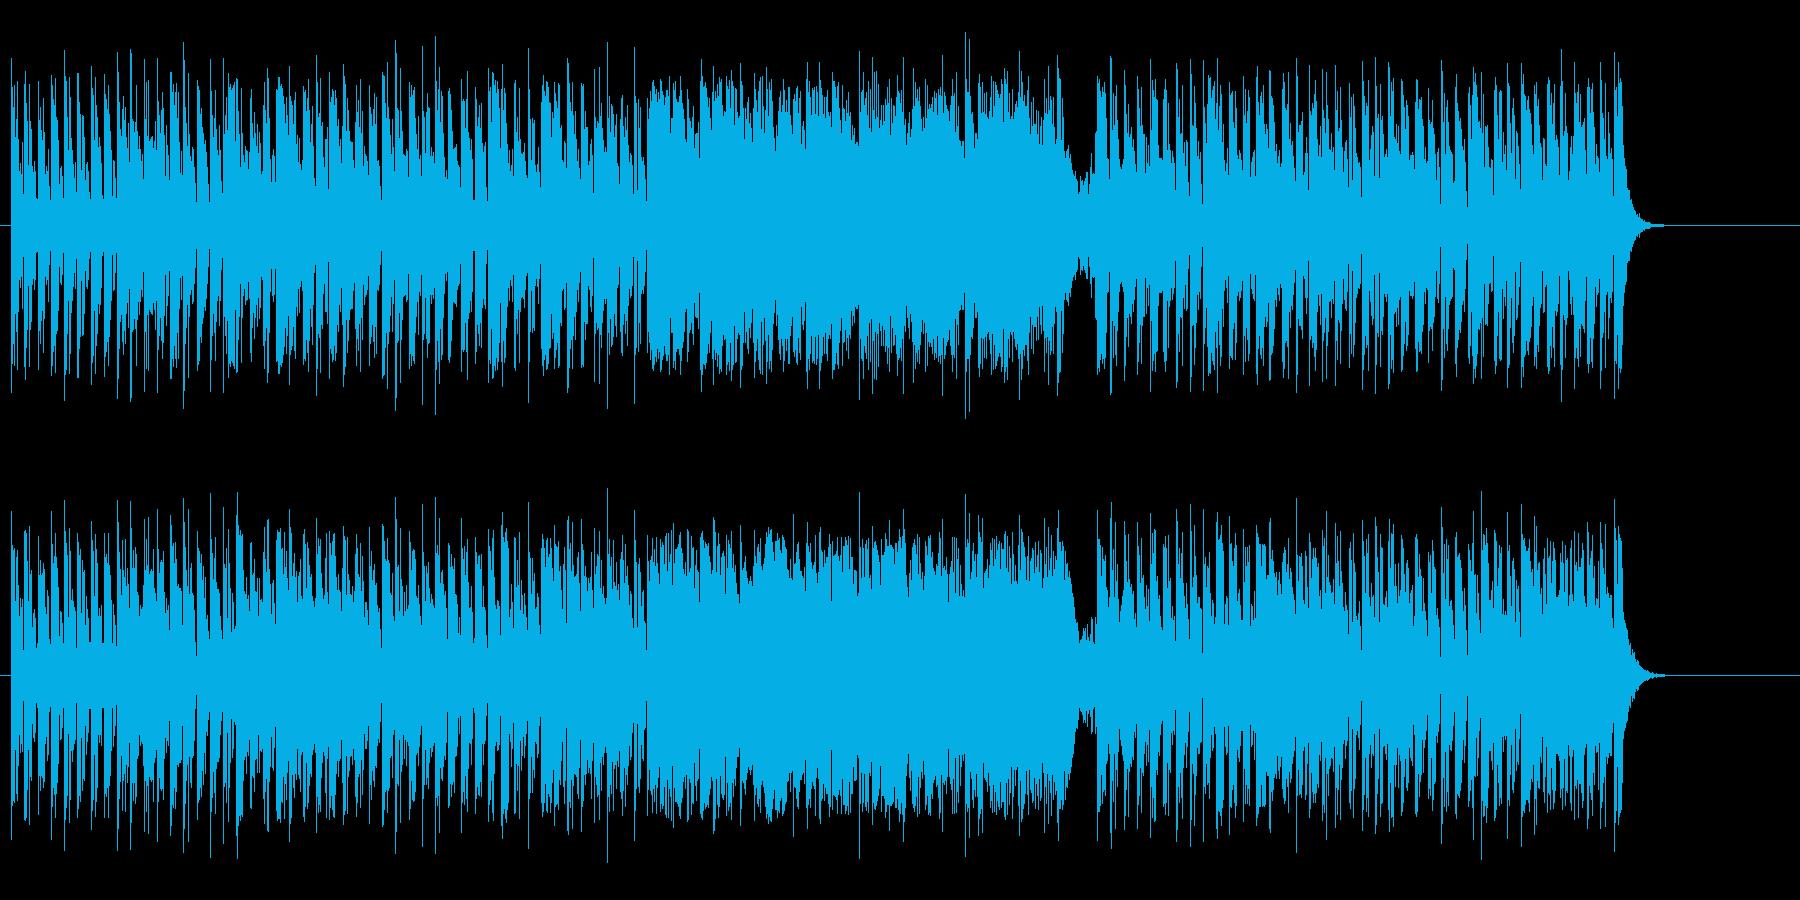 ポップな音色感覚による宇宙の祭典風の再生済みの波形